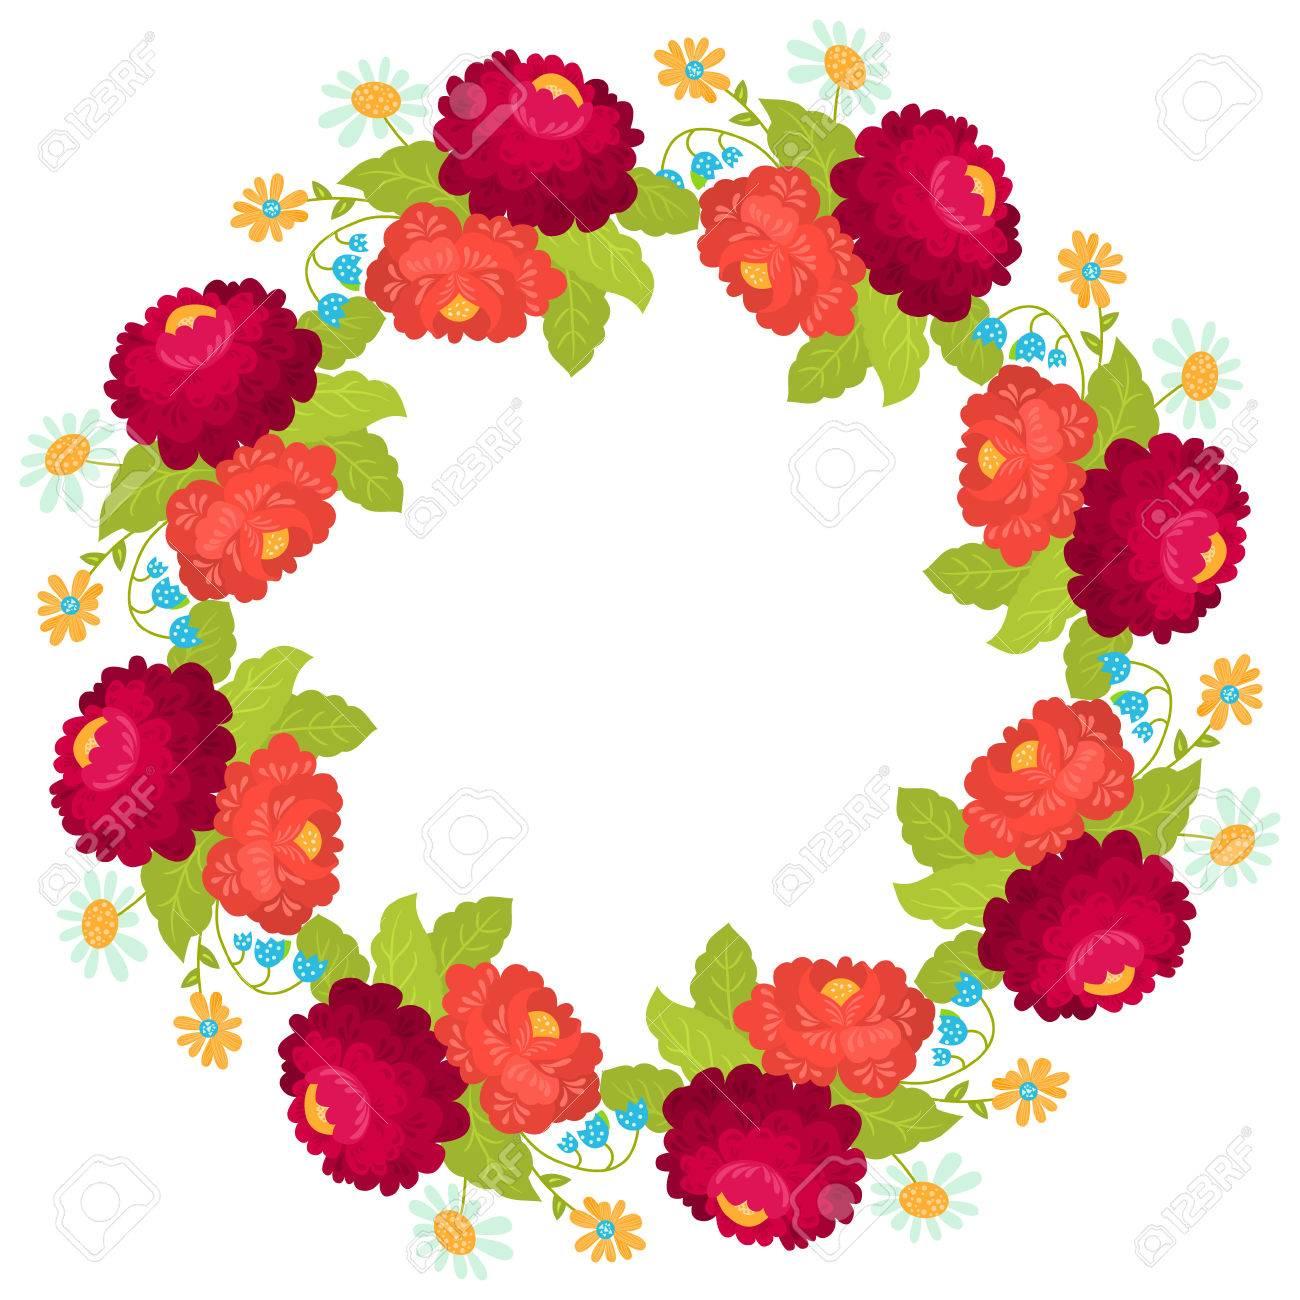 Ansichtkaart Met Florale Krans Illustratie Kan Worden Gebruikt Als Het Maken Van Kaarten Uitnodigingskaart Voor De Bruiloft Verjaardag Of Andere